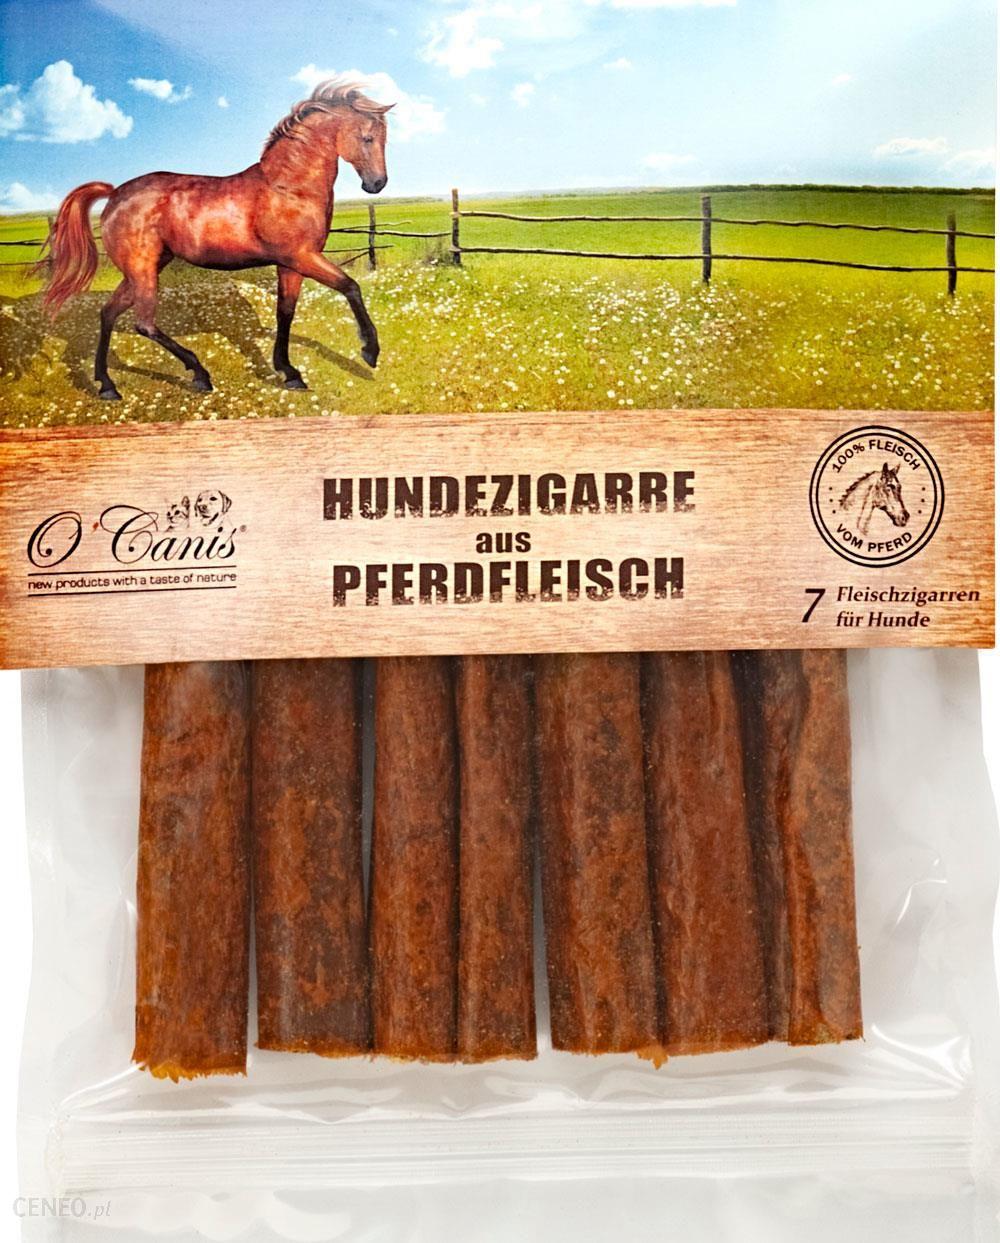 O'Canis Oryginalne Cygara Z Konia 5Szt